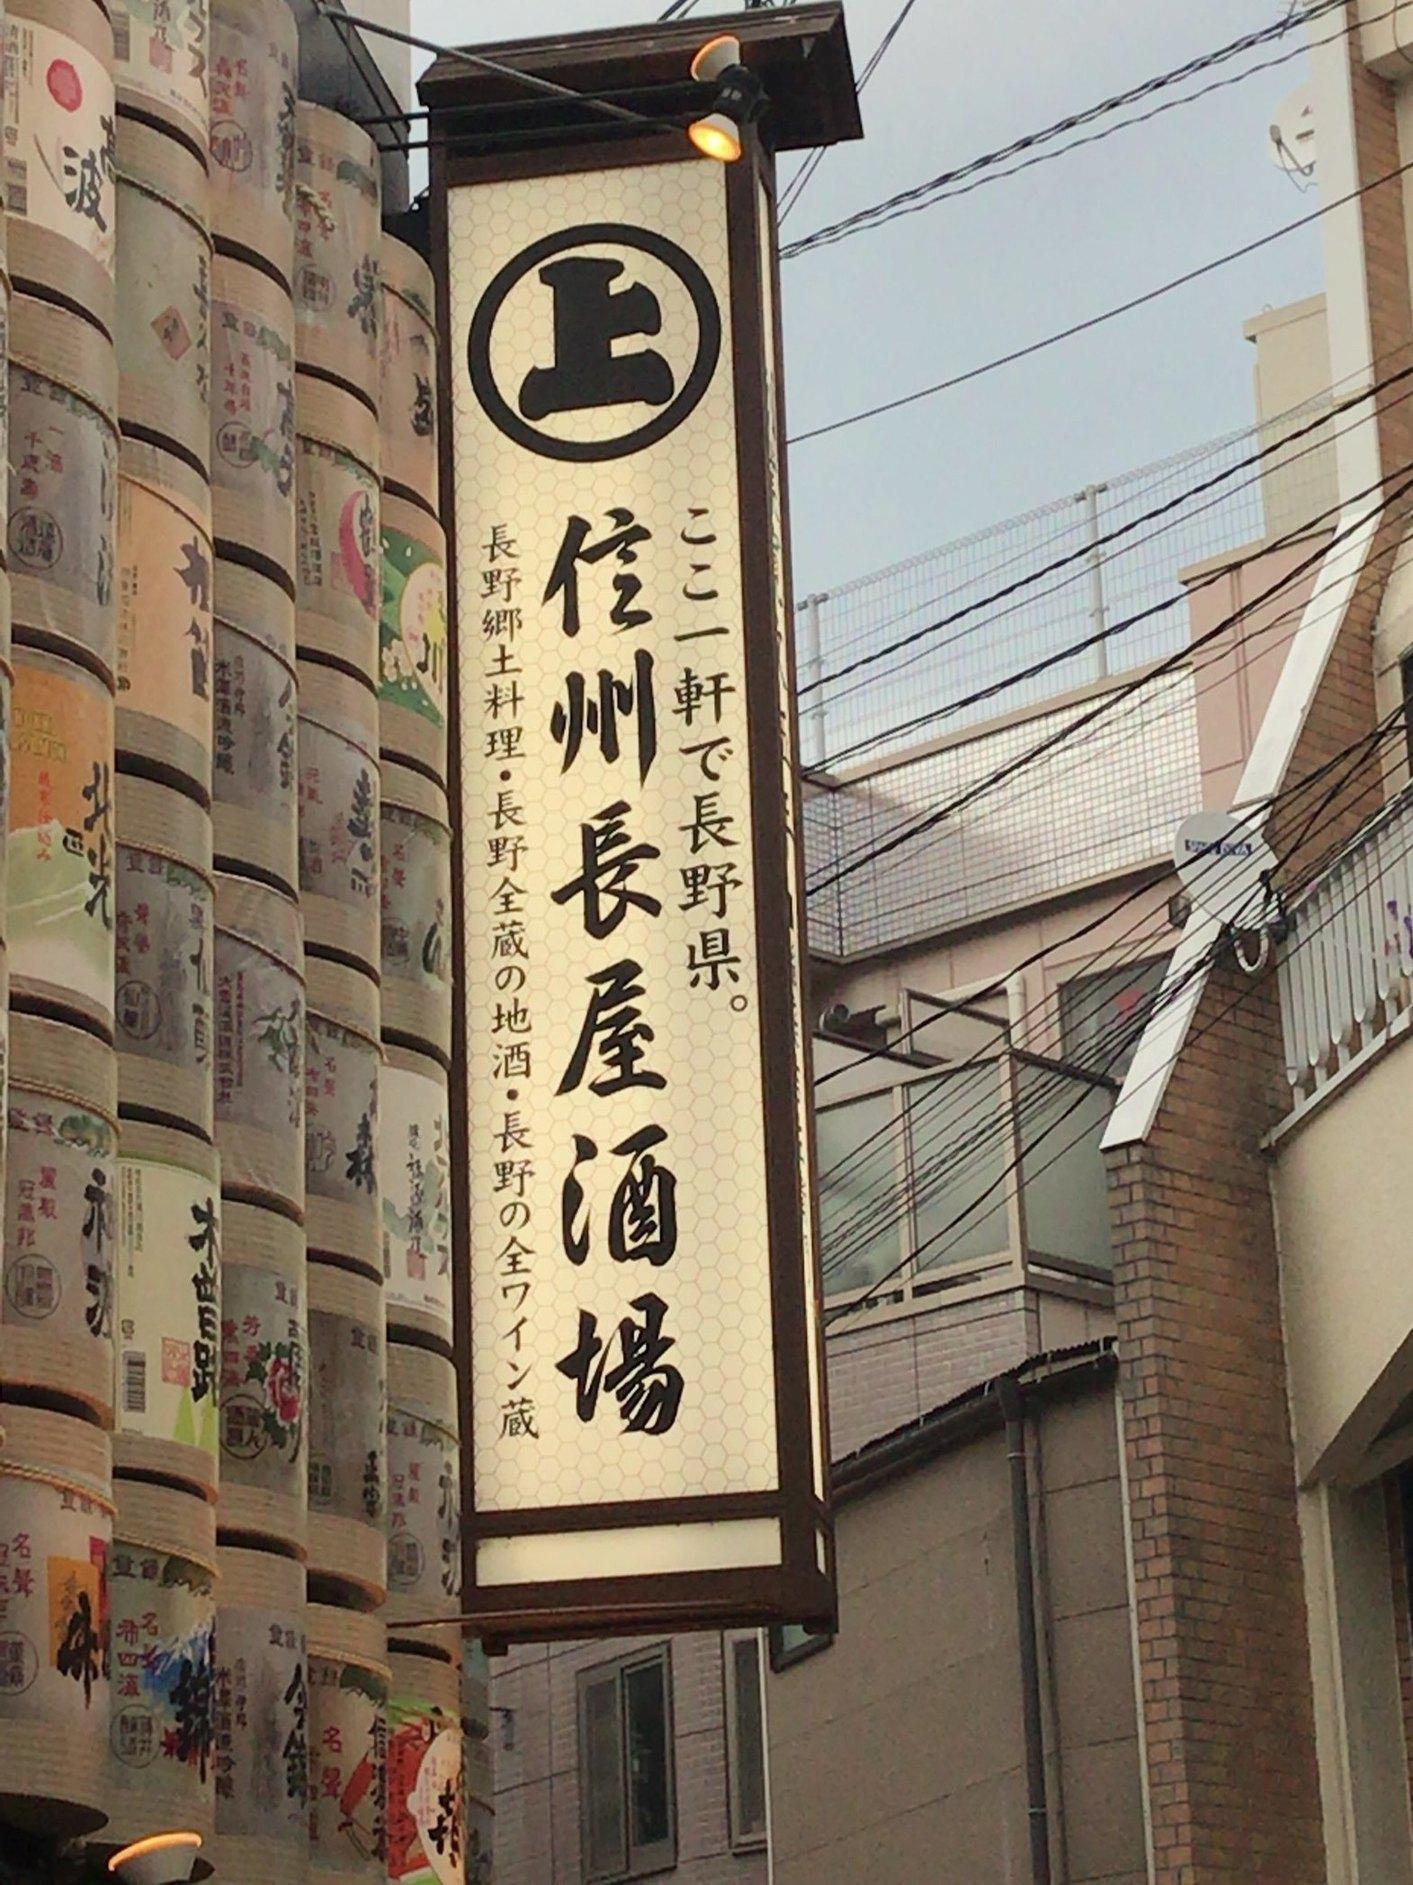 信州長屋酒場 長野駅善光寺口店 name=